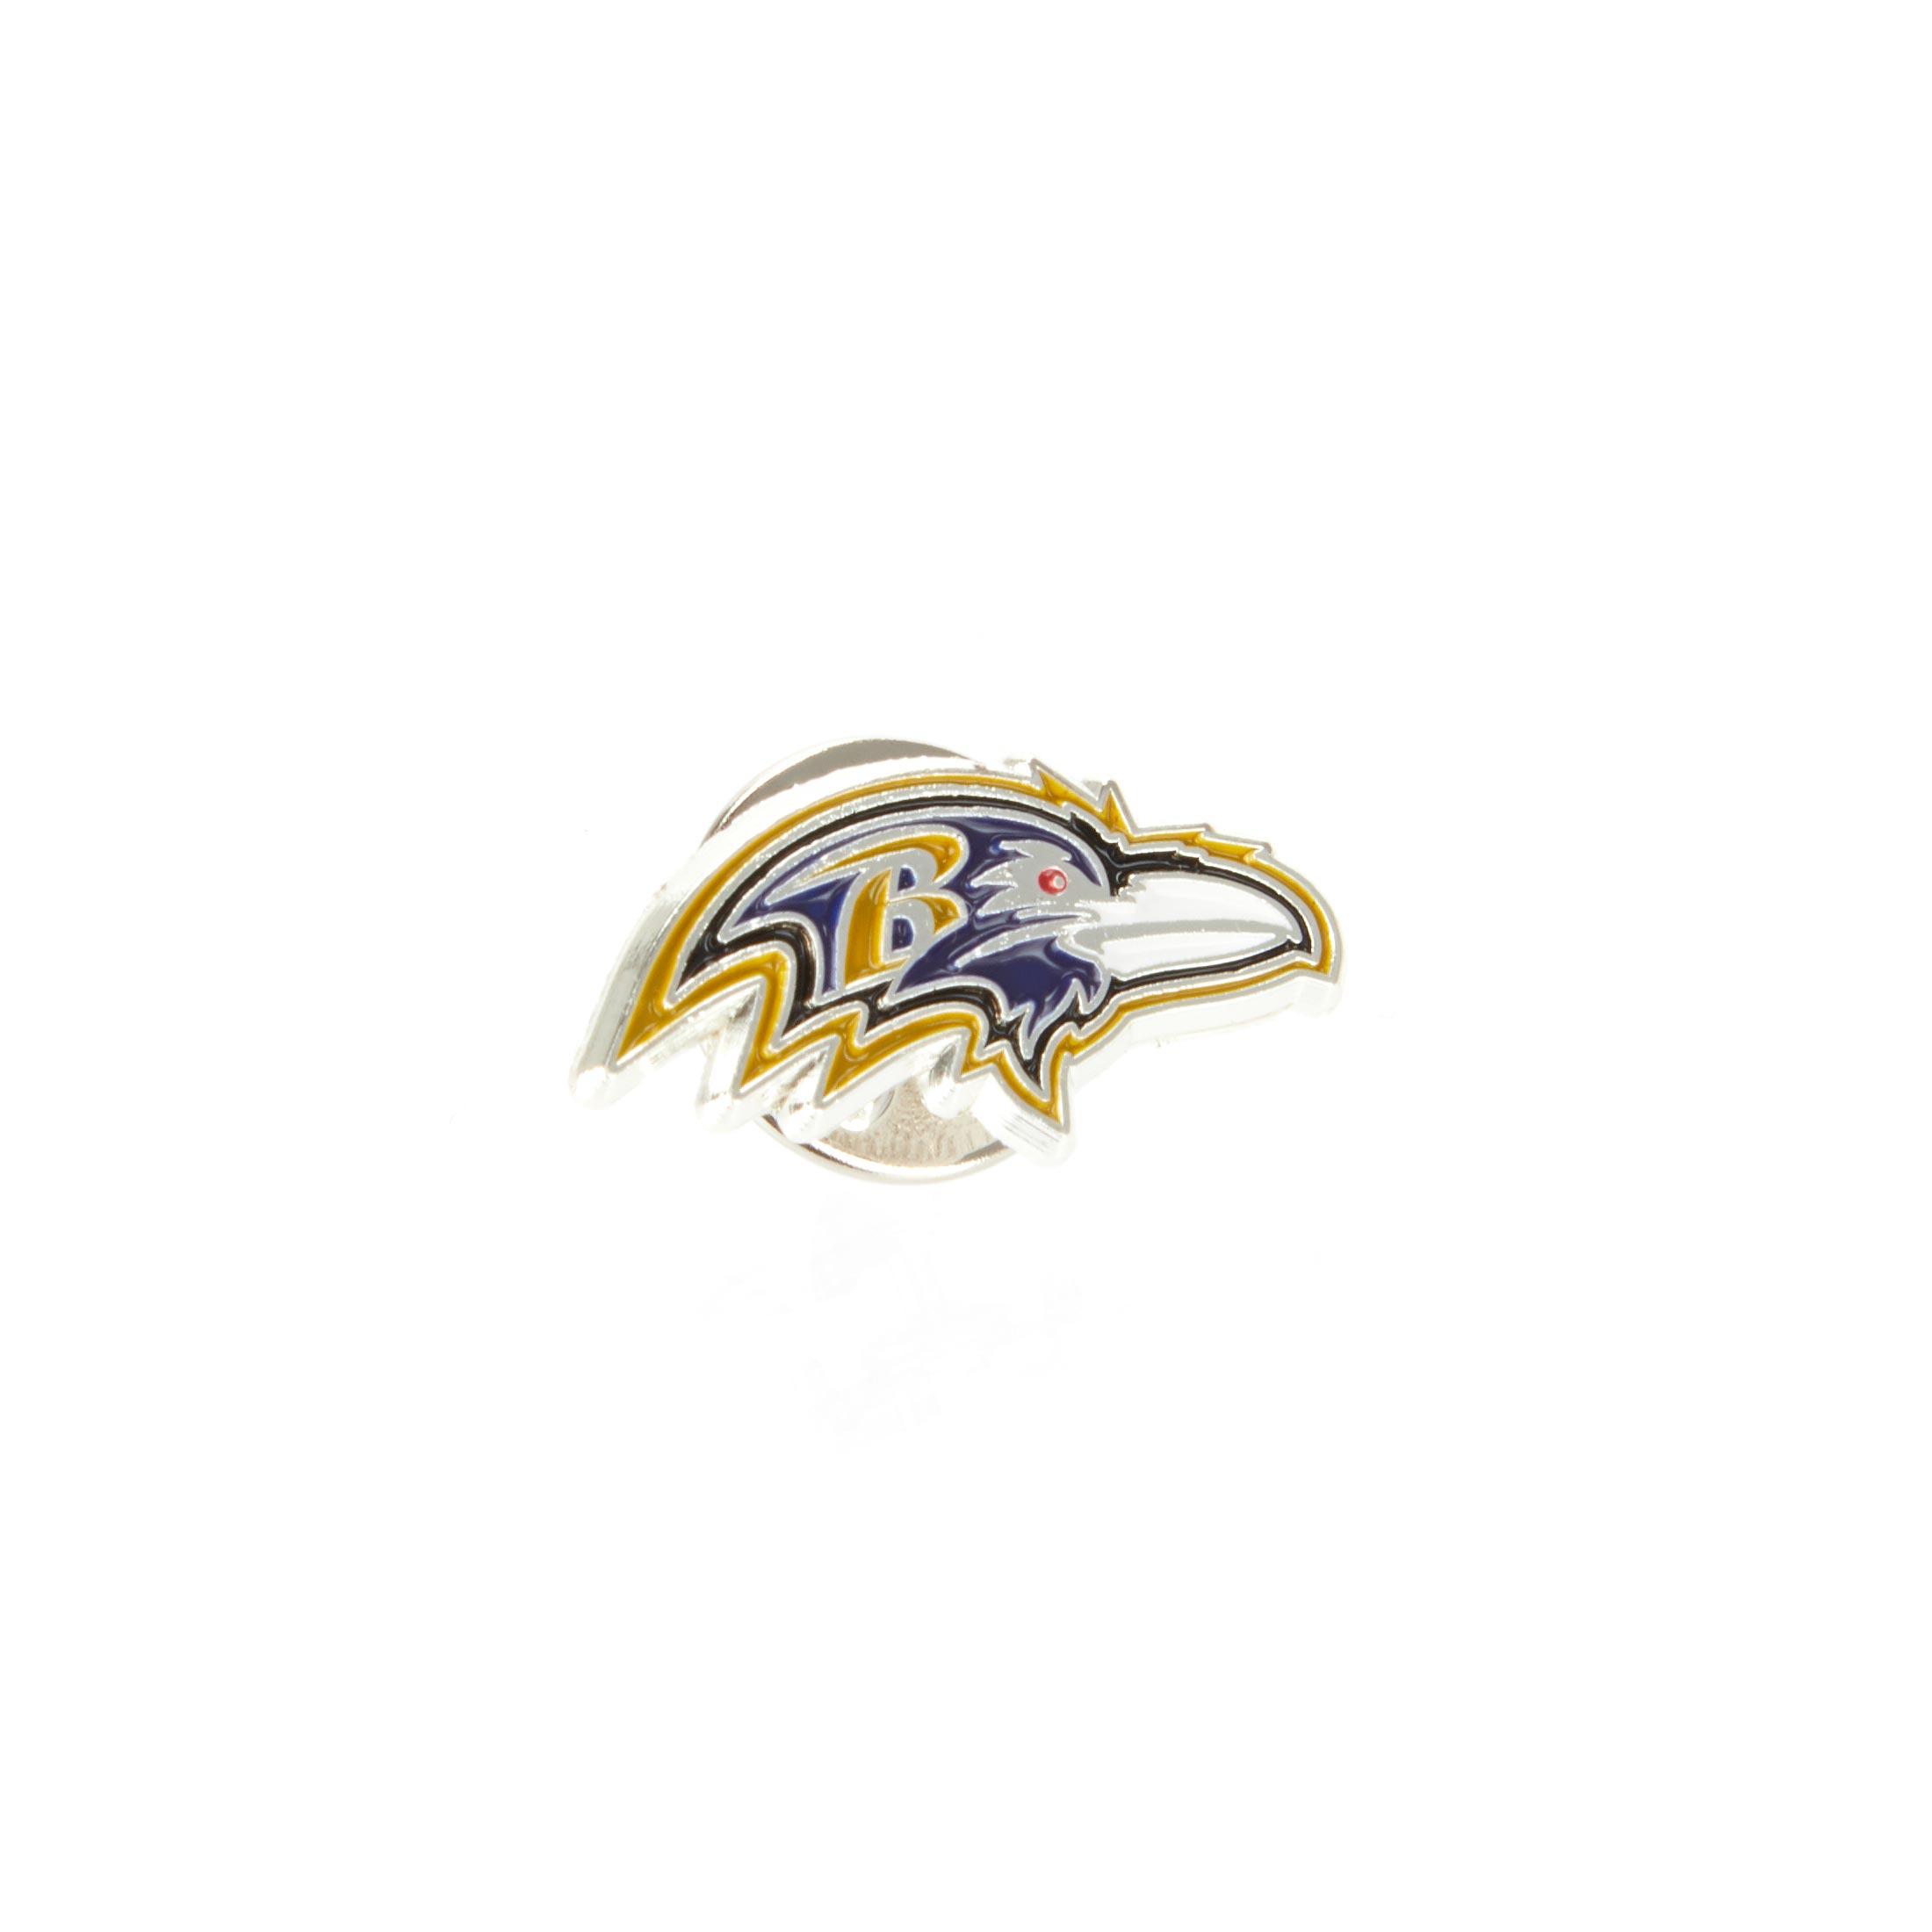 Baltimore Ravens Logo Pin Badge